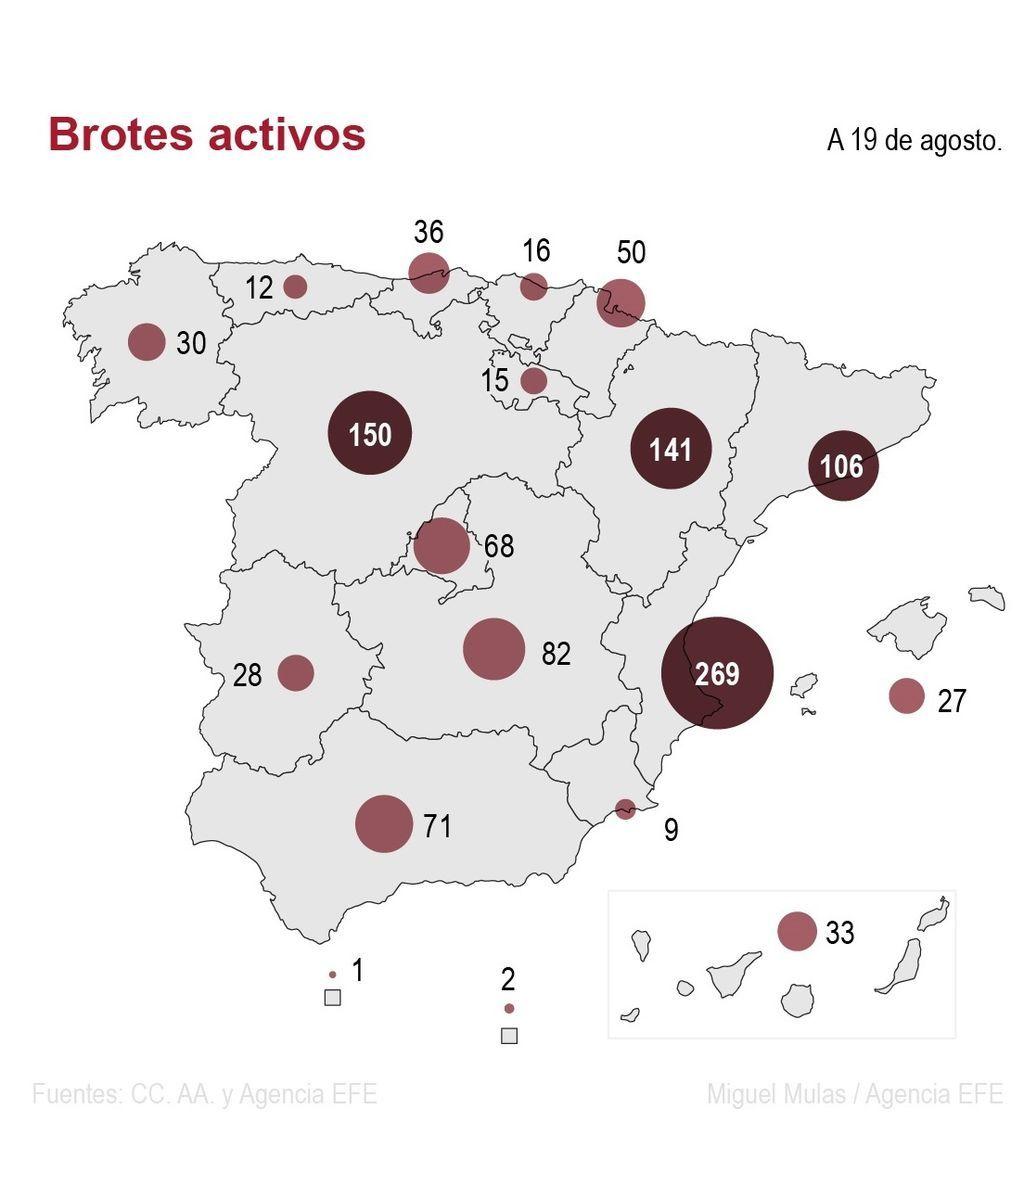 Los brotes de coronavirus en España